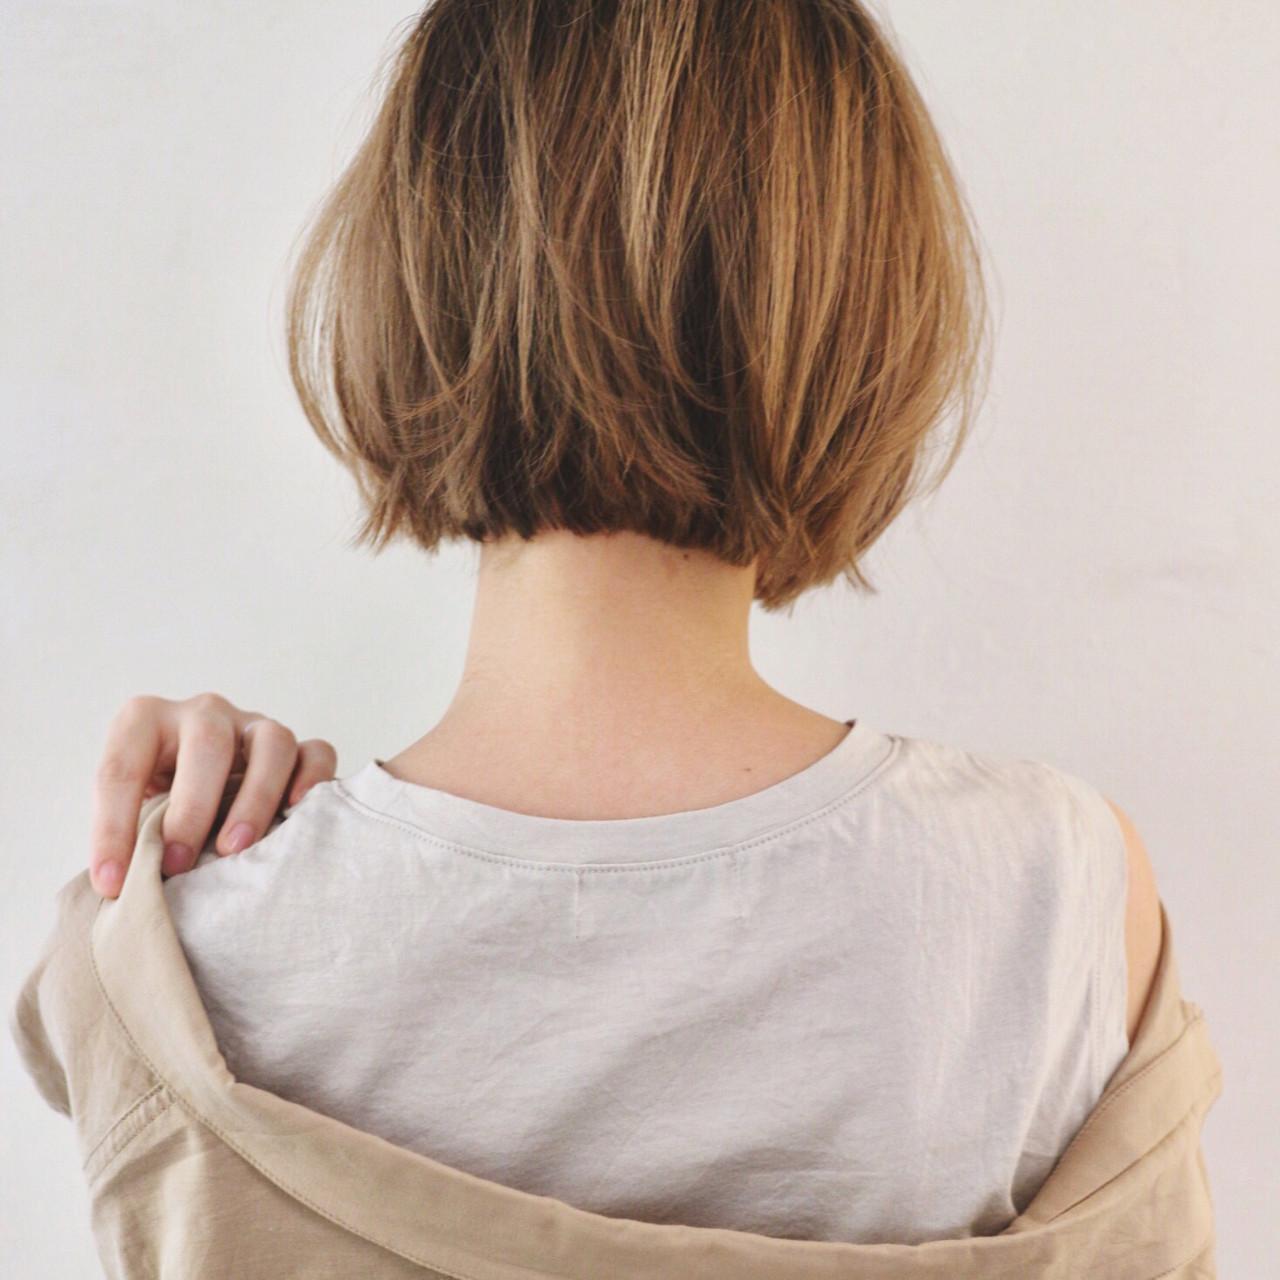 インナーカラー ブリーチカラー ミニボブ ストリート ヘアスタイルや髪型の写真・画像